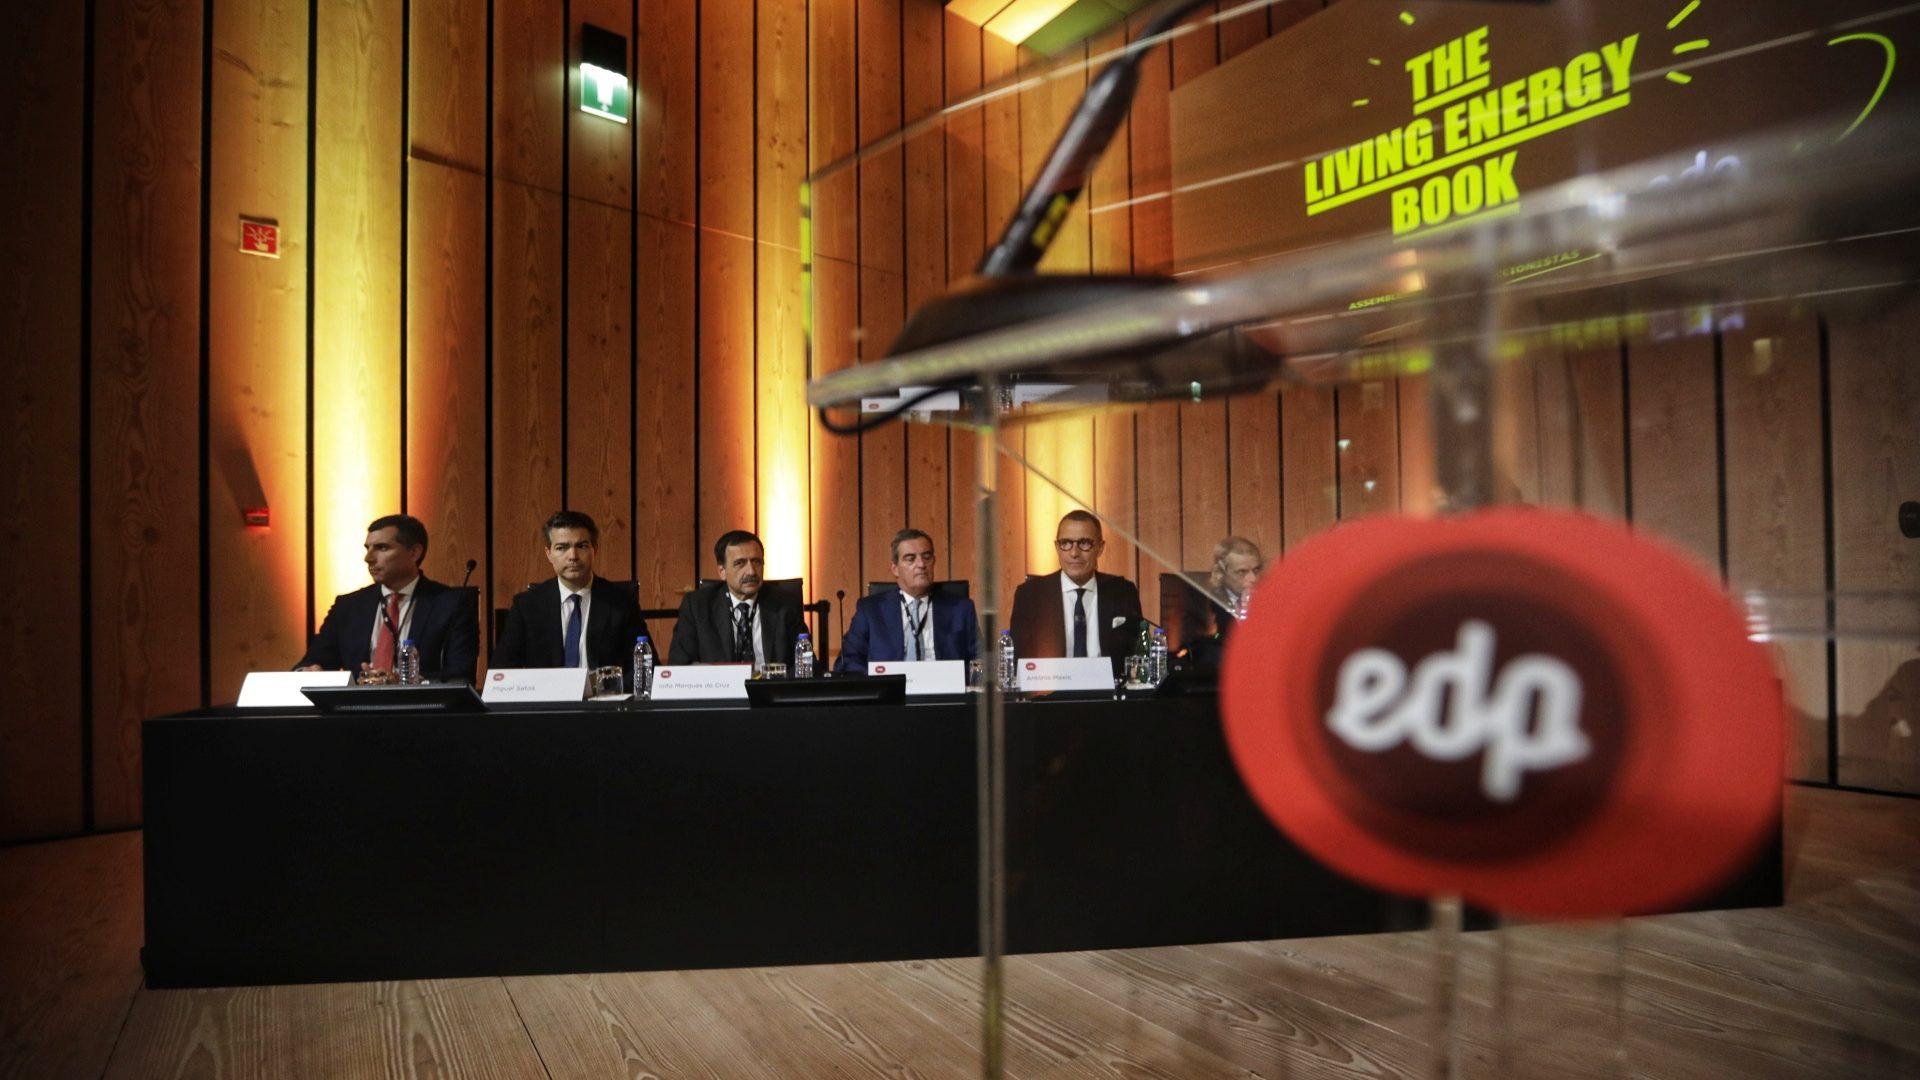 Juiz impede acesso do MP a dados bancários, fiscais e emails do caso EDP